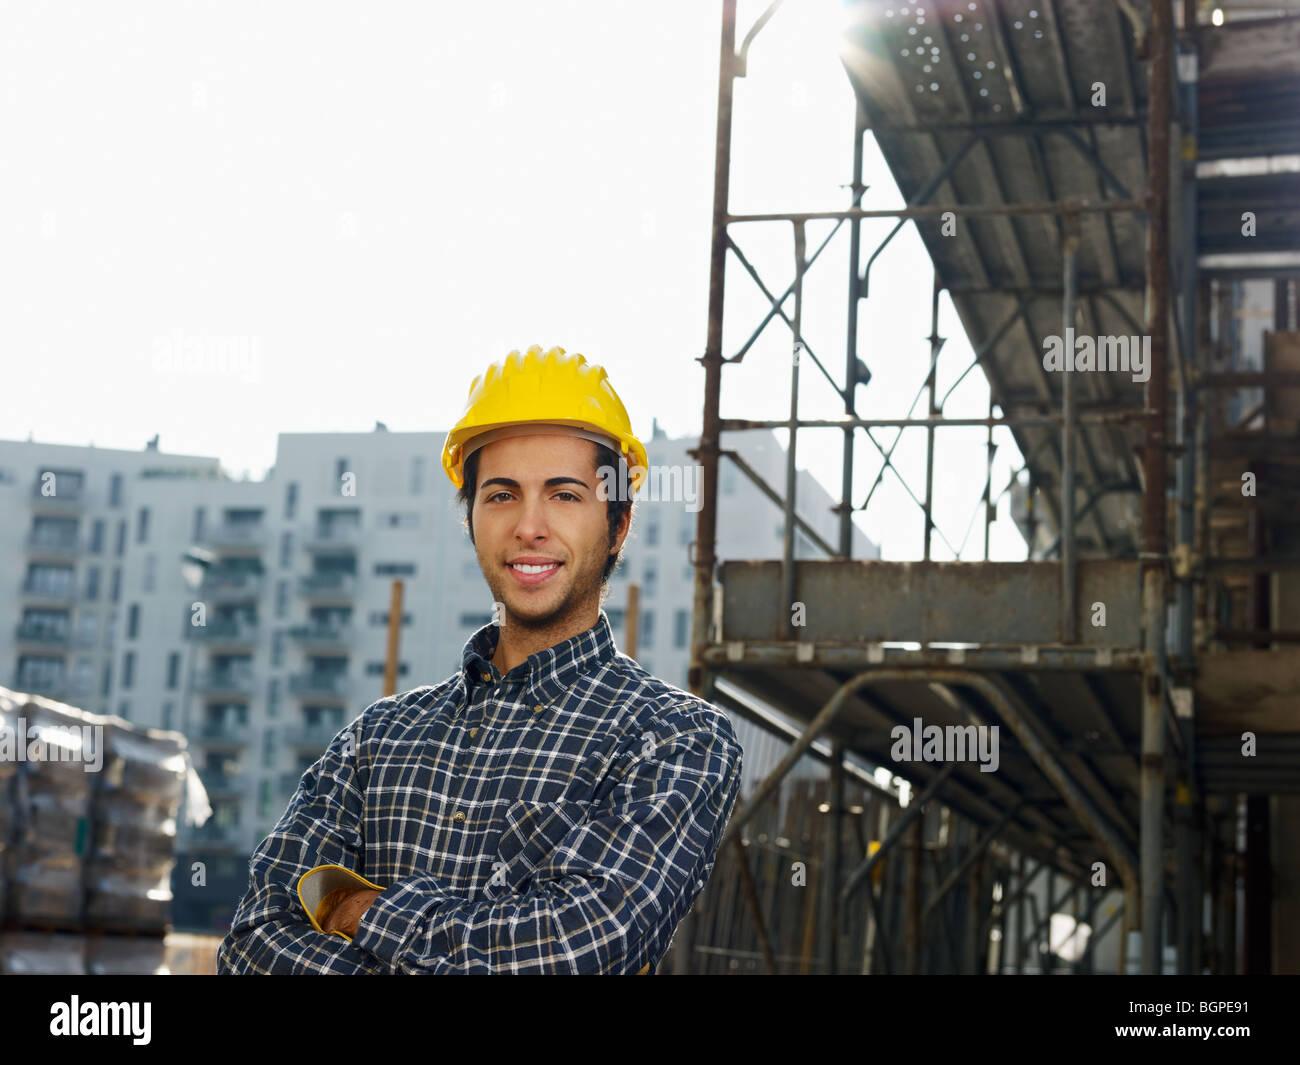 Operaio edile guardando la fotocamera Immagini Stock